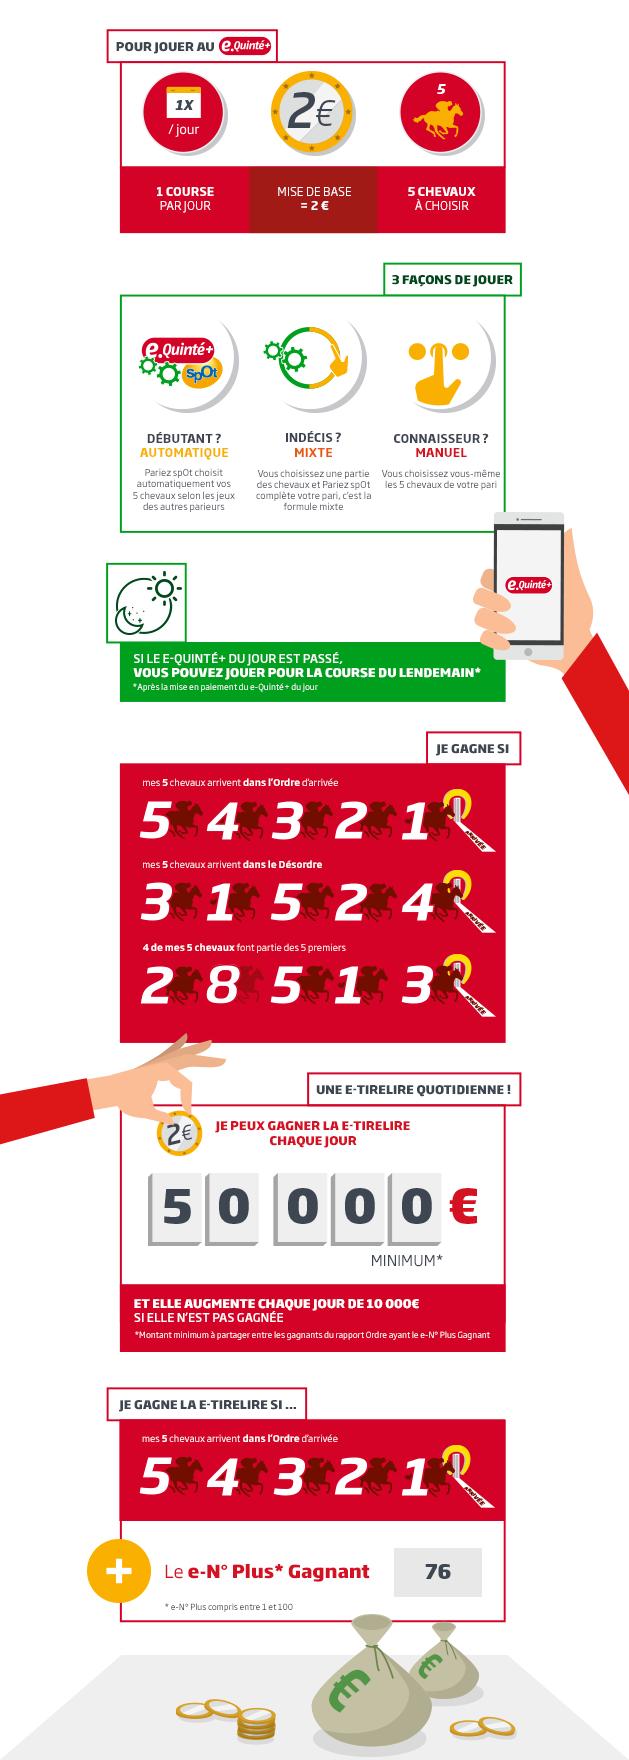 infographie e-quinte PMU